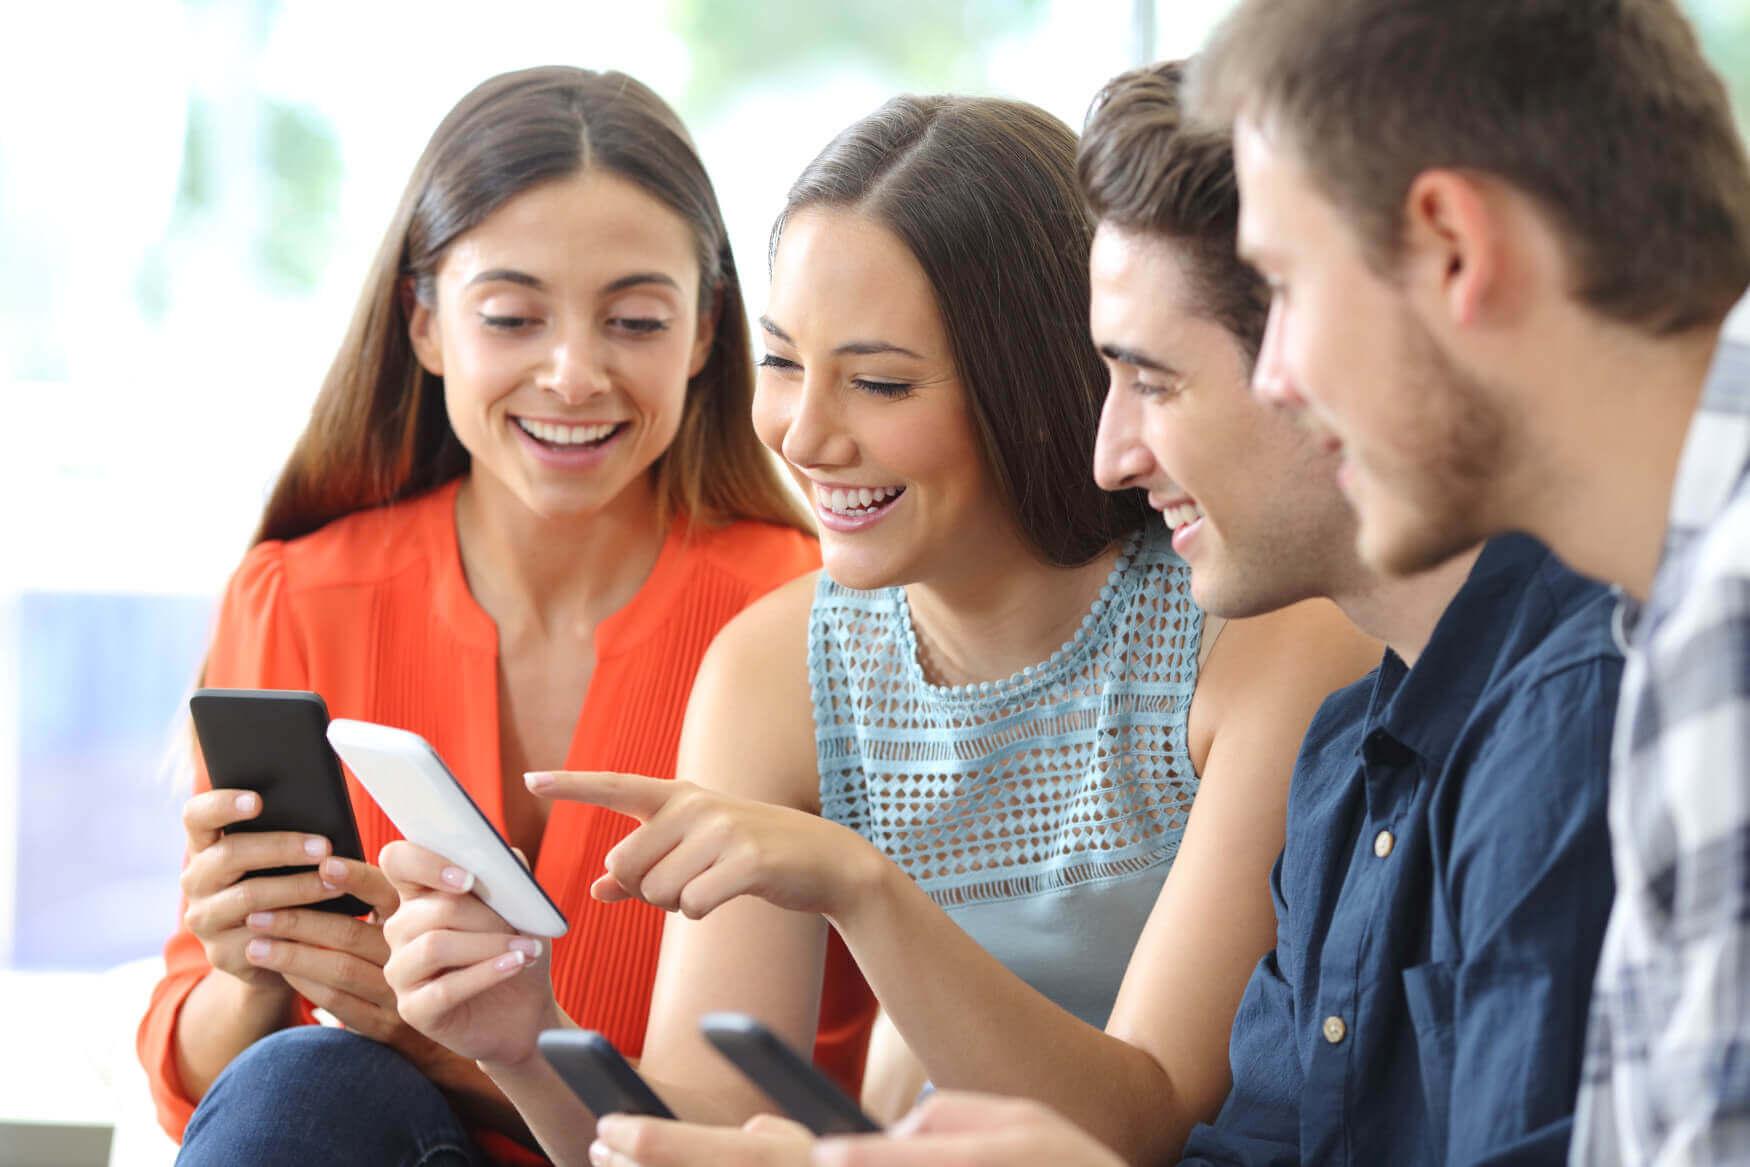 Freunde-Online-Beim-Vergleichen-Smartphone